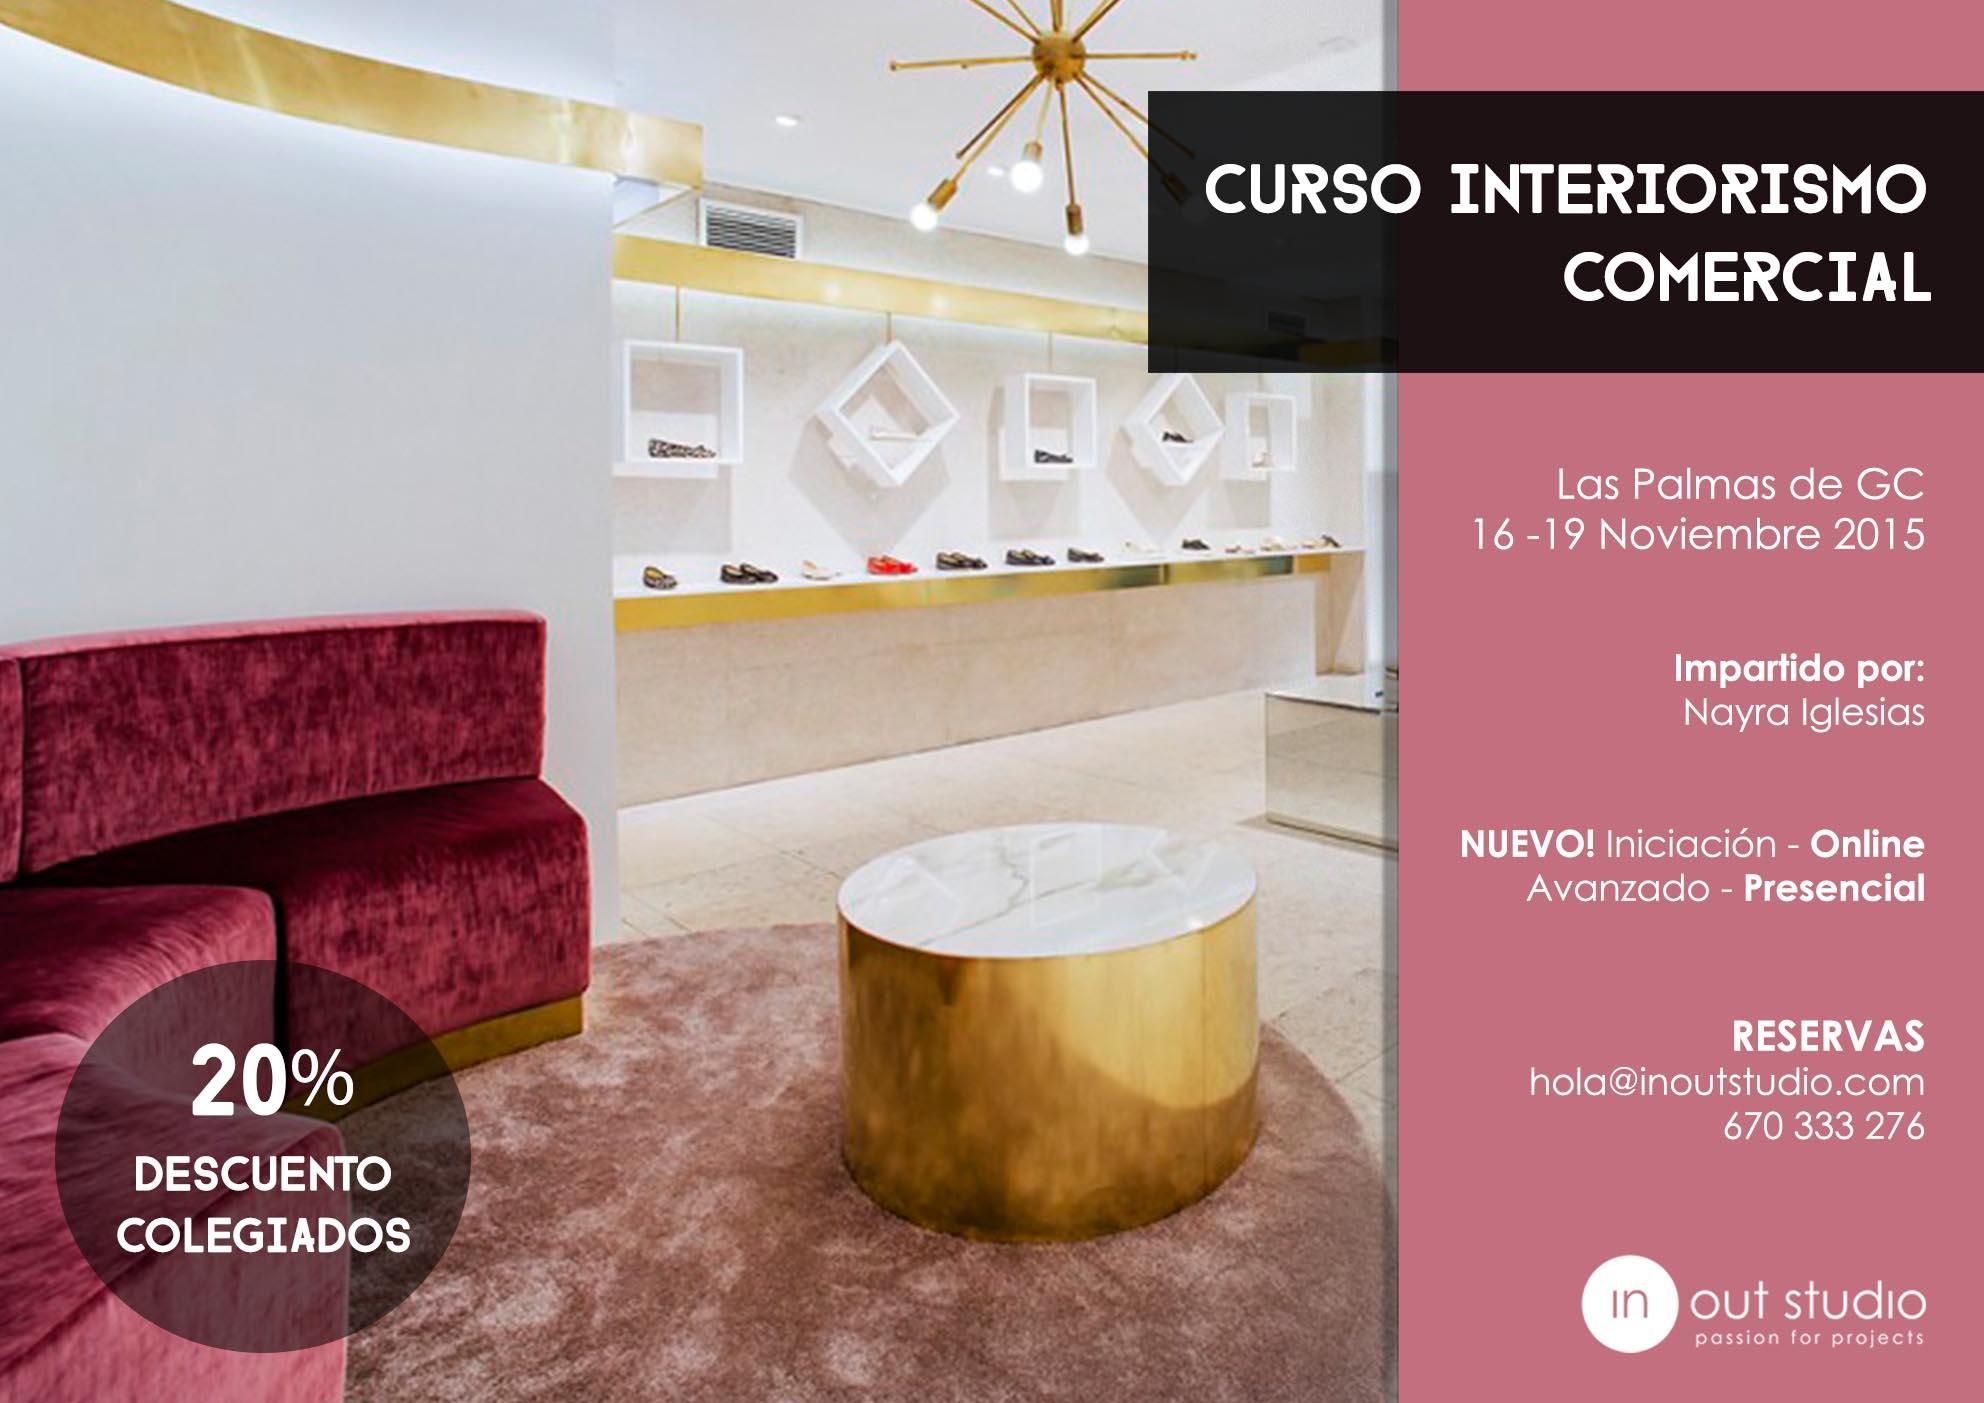 Curso De Interiorismo Of Curso De Interiorismo Comercial Eventos